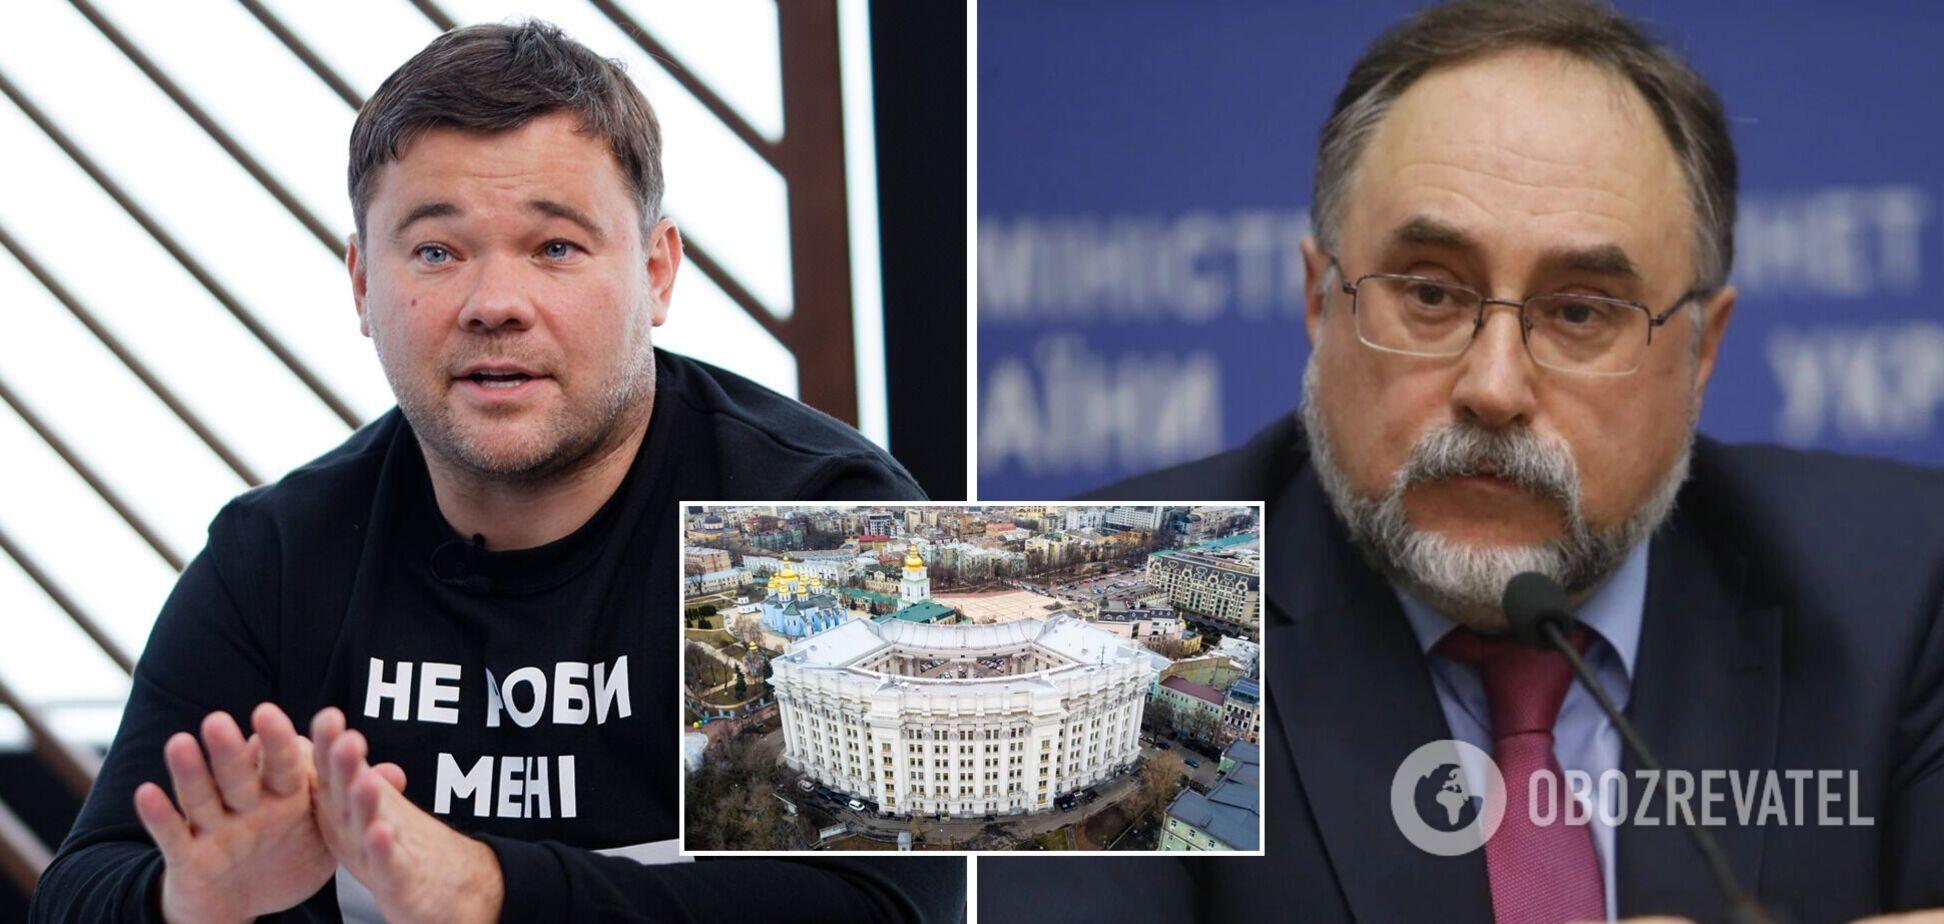 У МЗС прокоментували висловлювання Богдана про смерть Камишева